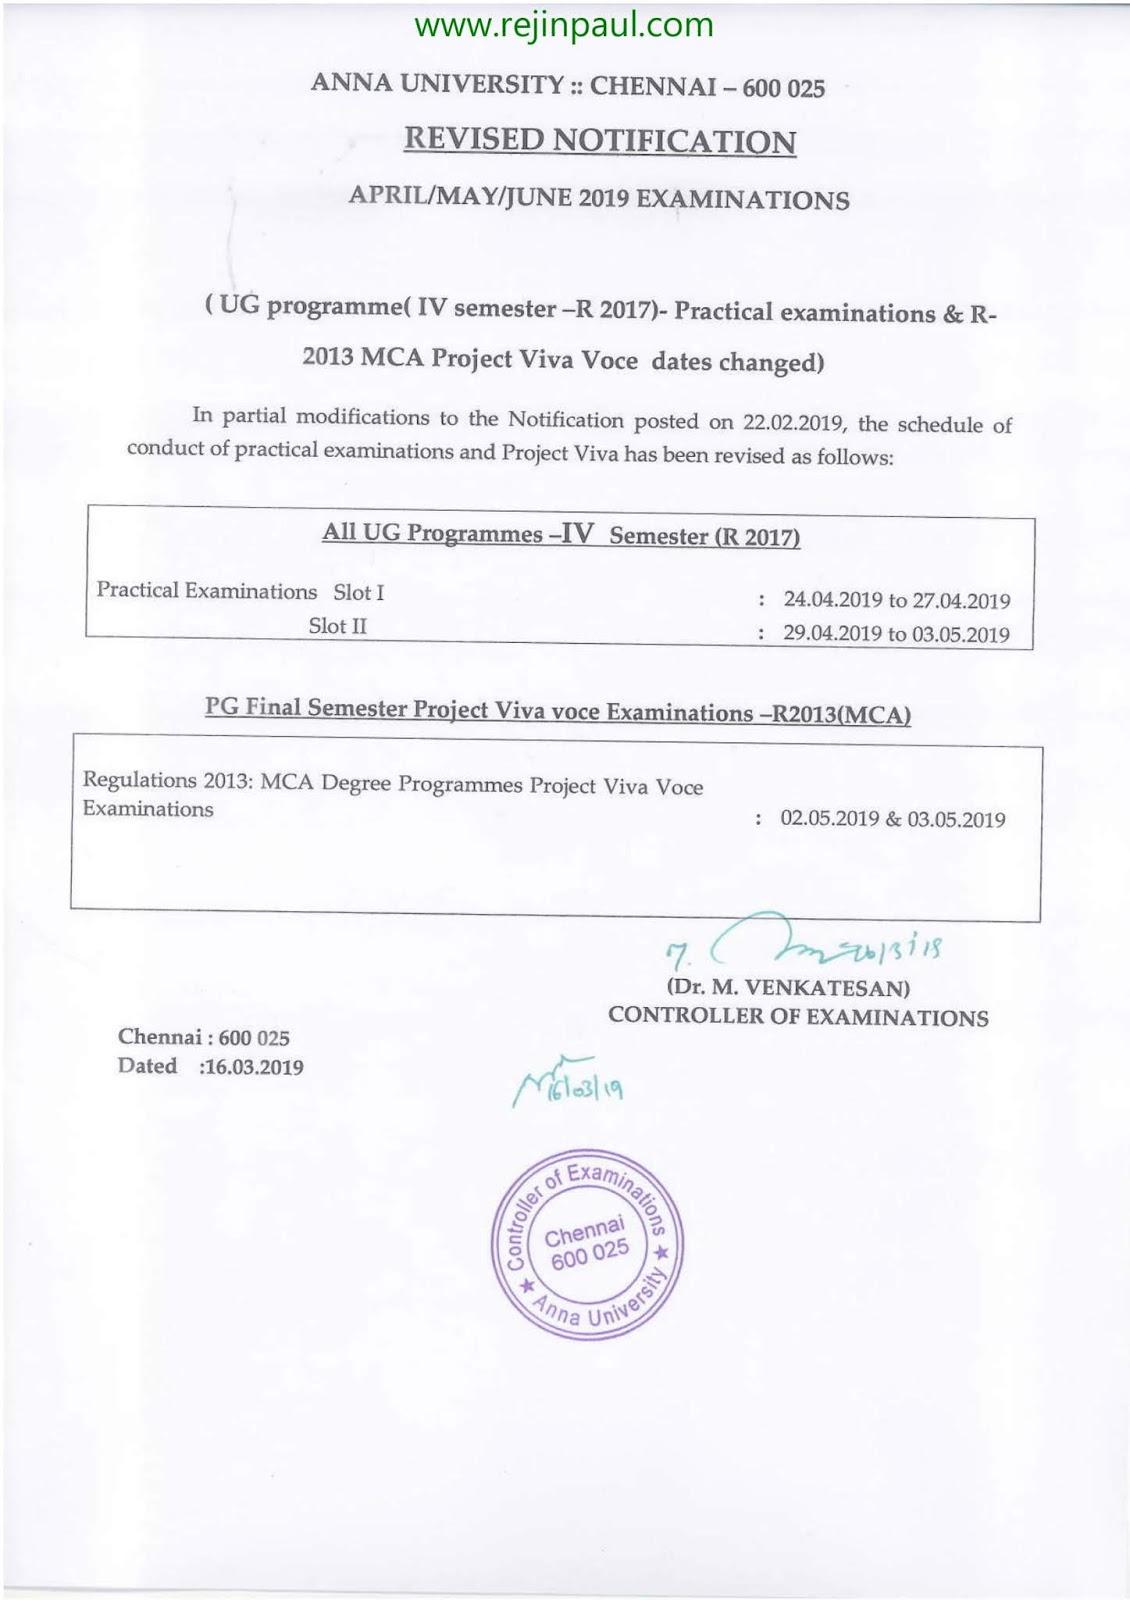 Anna university november december 2012 exam results